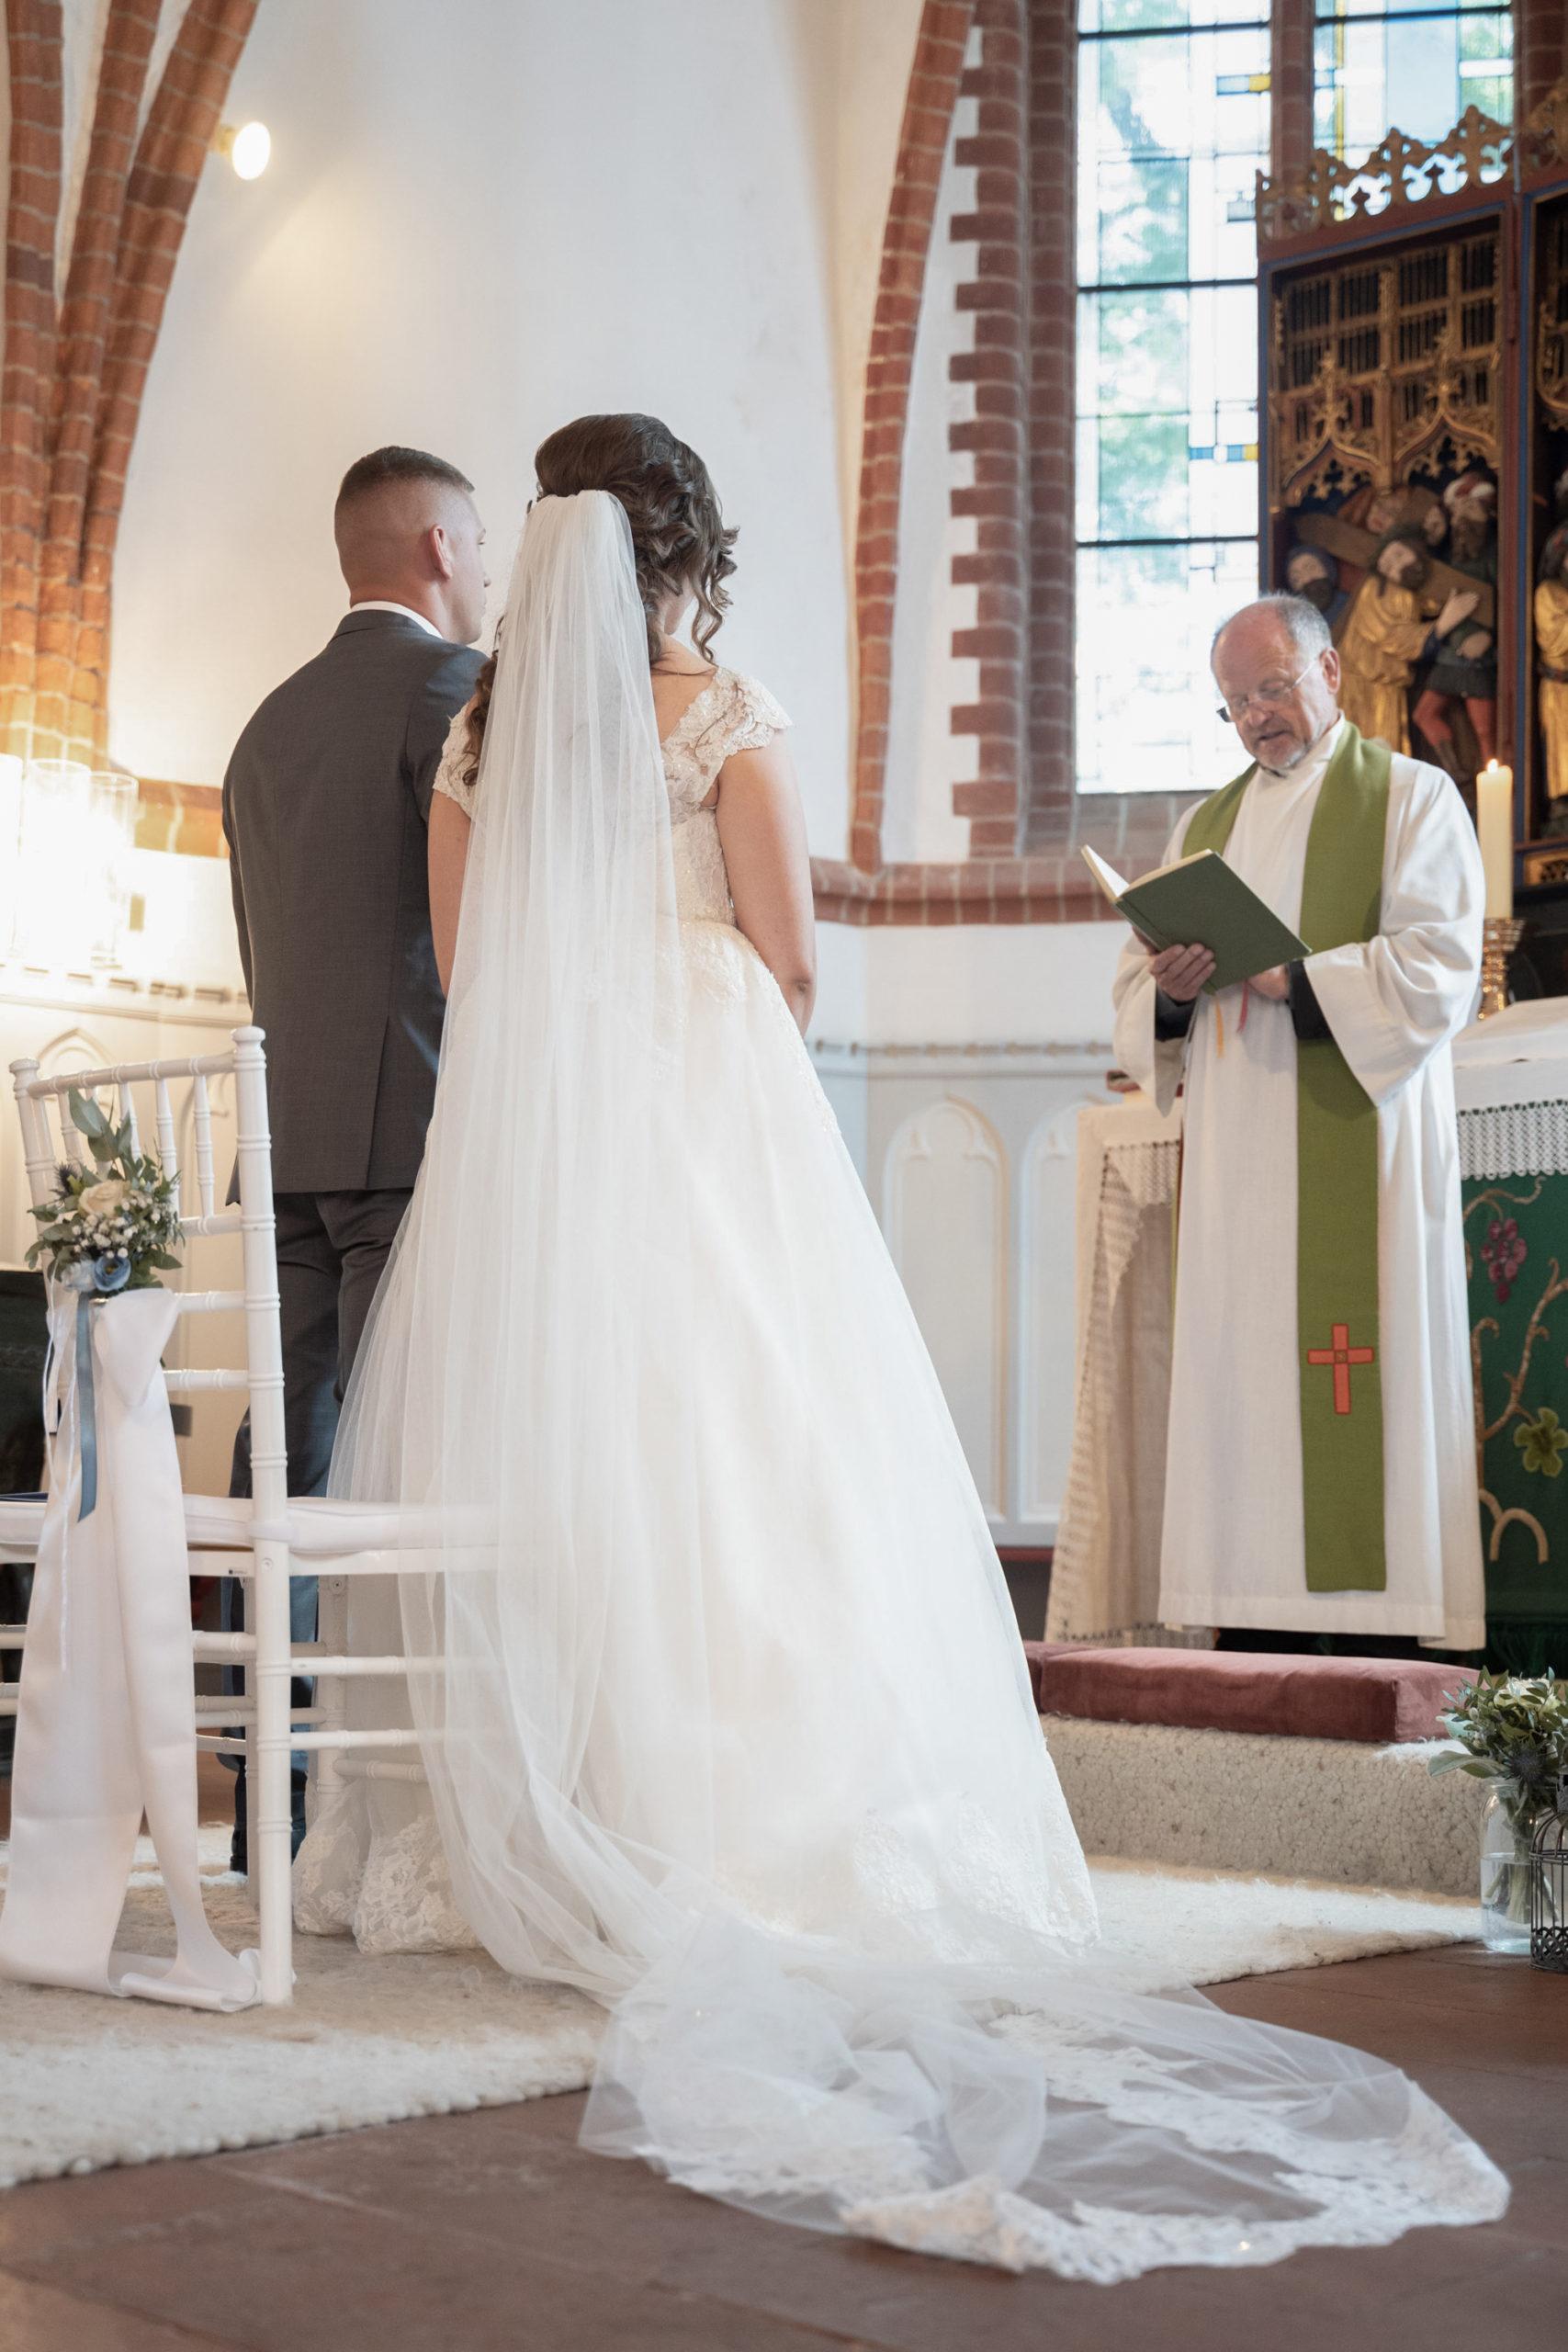 Hochzeitsfotografie, Lüneburger Heide, kirchliche Trauung, Pastor